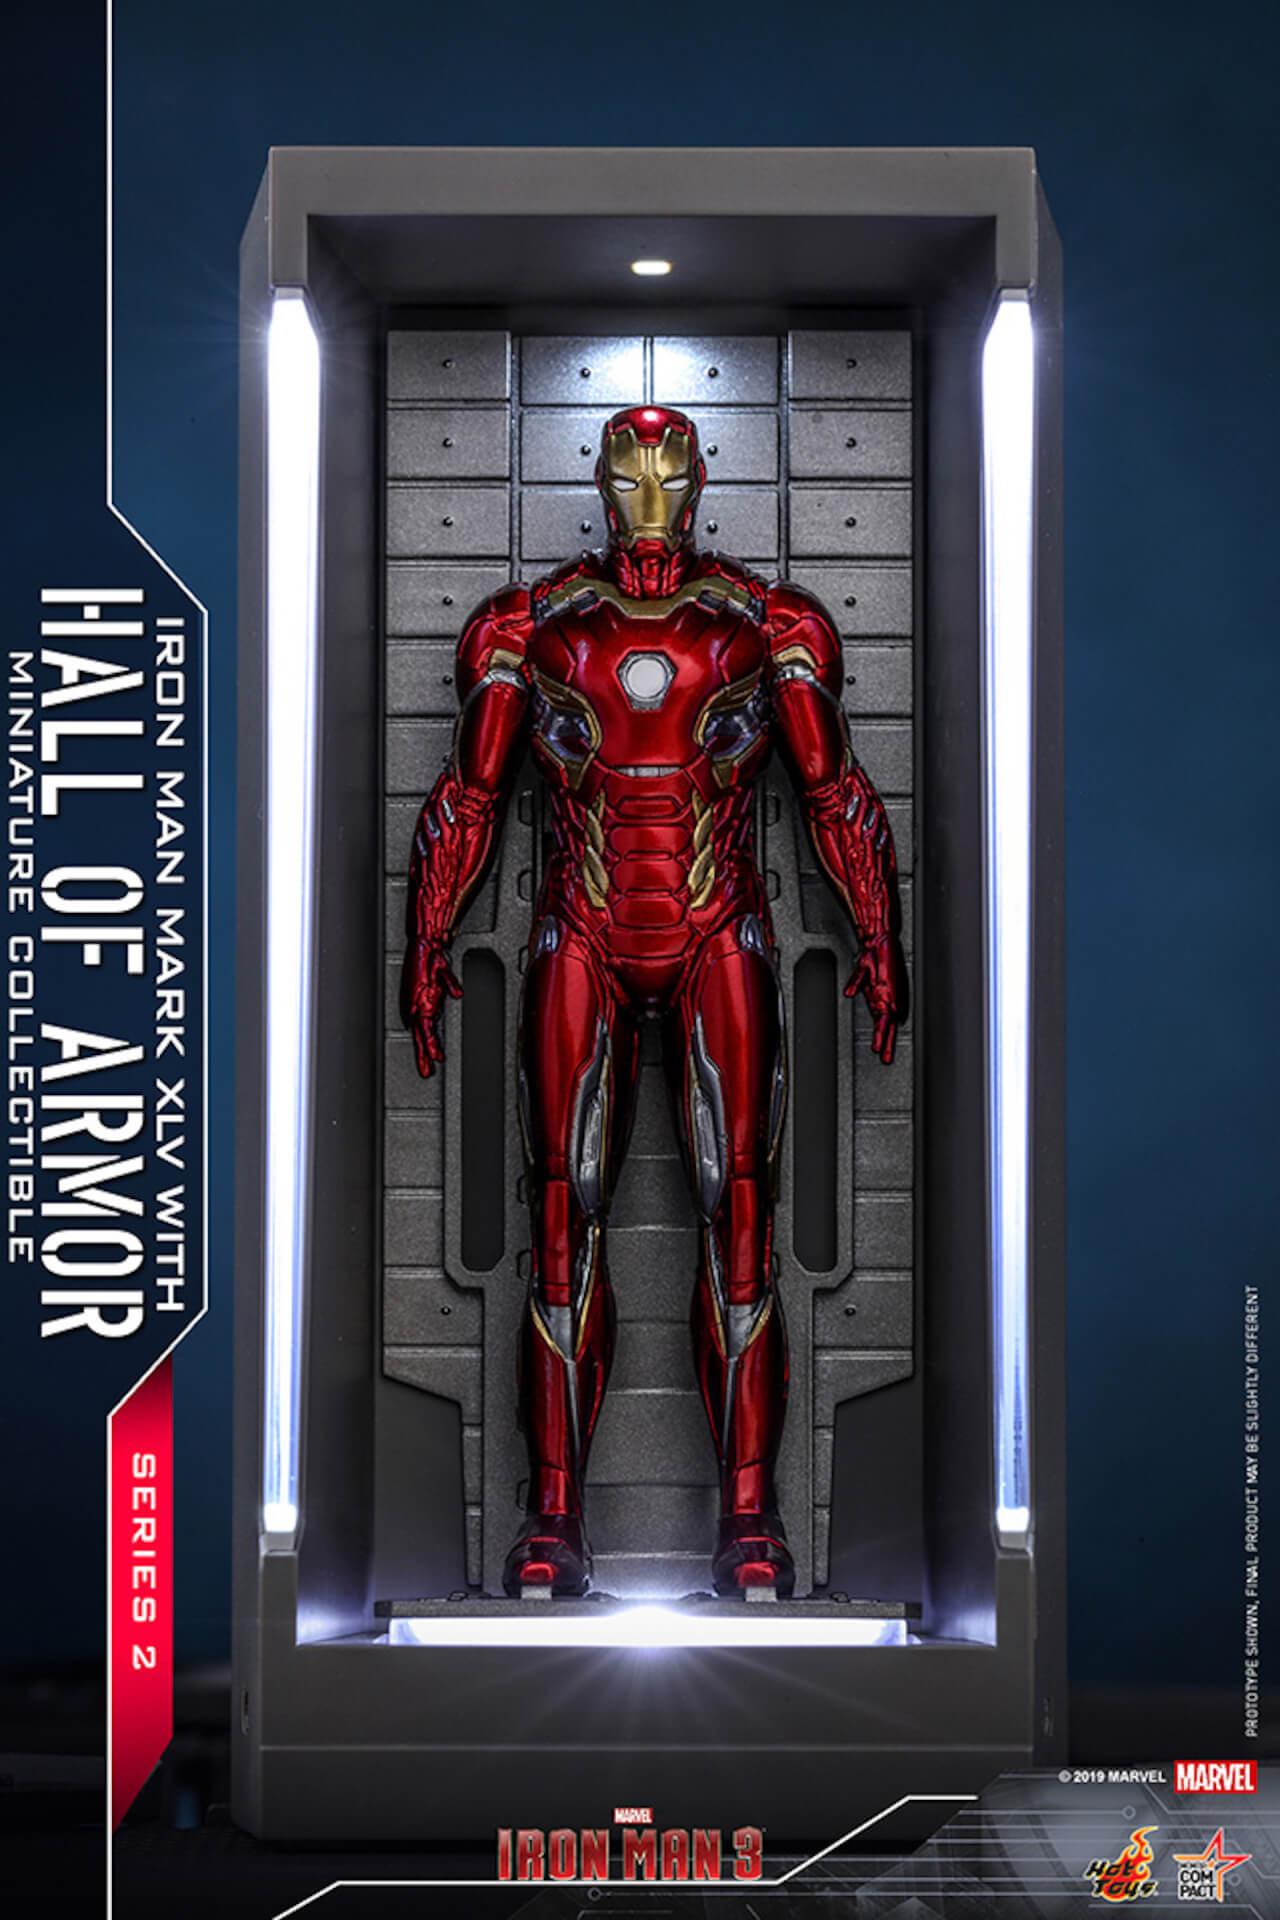 『アイアンマン3』に登場するアーマーが手のひらサイズに!ホットトイズからアイアンマンのミニチュアシリーズ2がホール・オブ・アーマー付き6体セットで発売! ac200124_hottoys_ironman_04